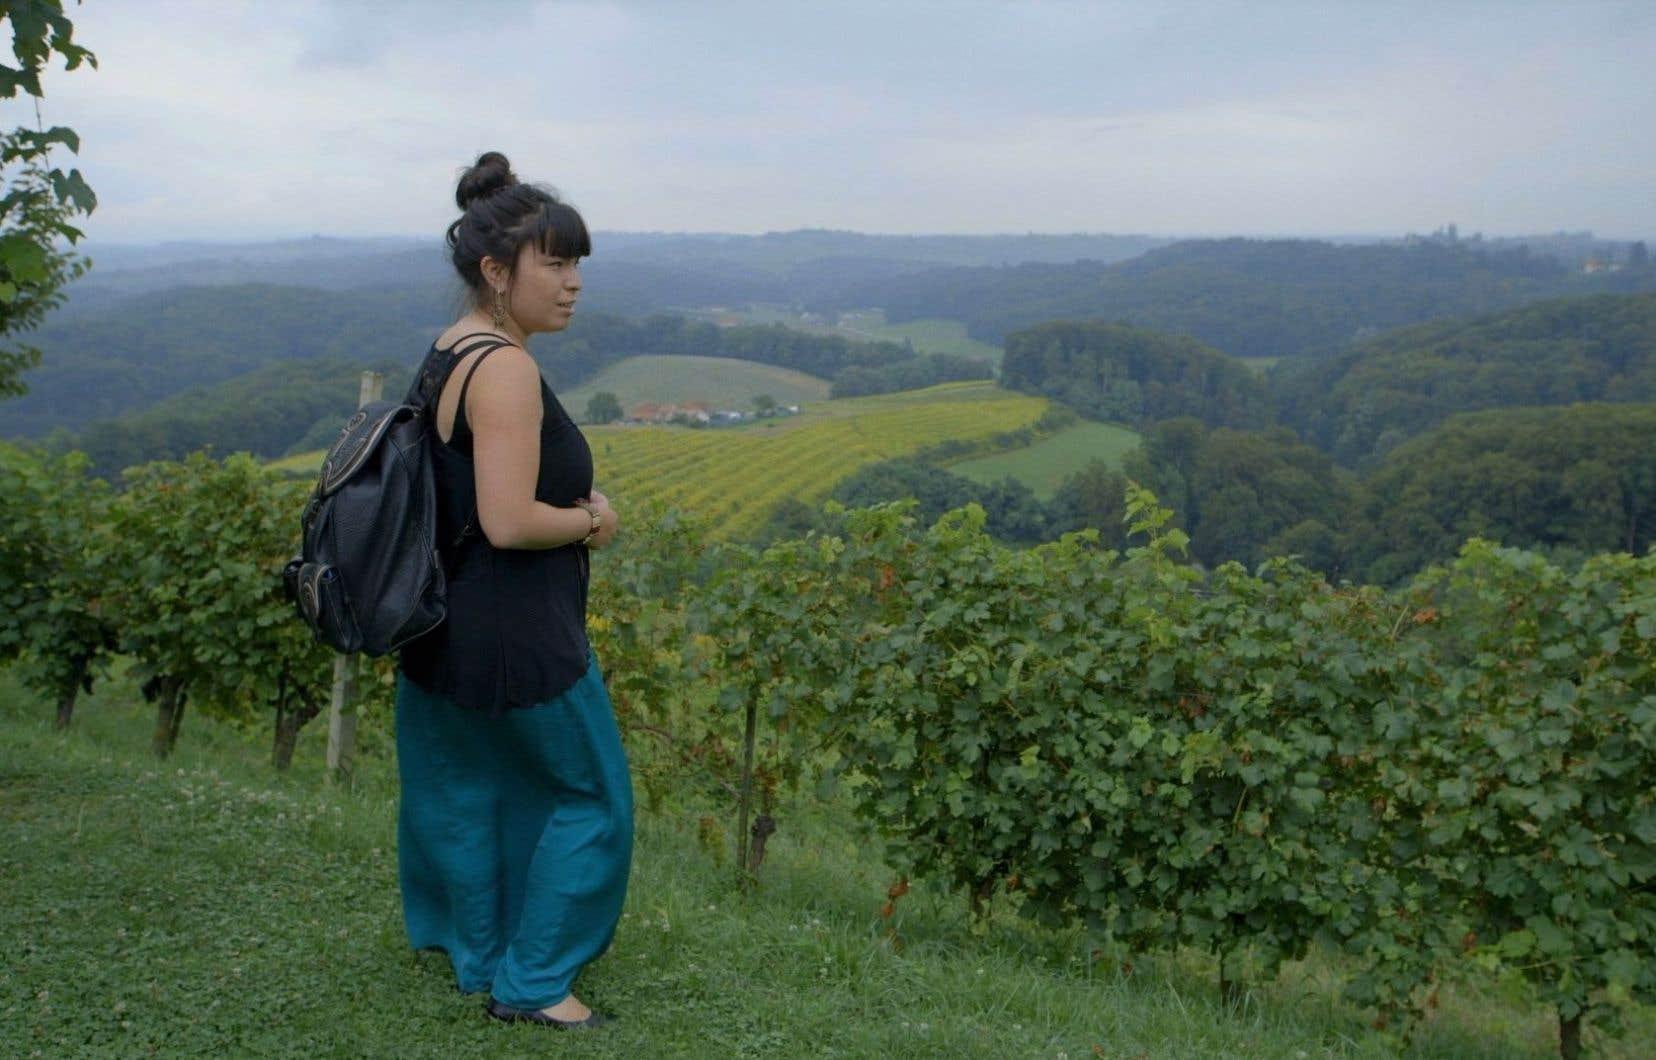 Dans son très beau documentaire intitulé Nin E Tepueian – mon cri, Santiago Bertolino arrime sa caméra au parcours de l'autrice et poète, mais aussi militante et actrice, Natasha Kanapé Fontaine.